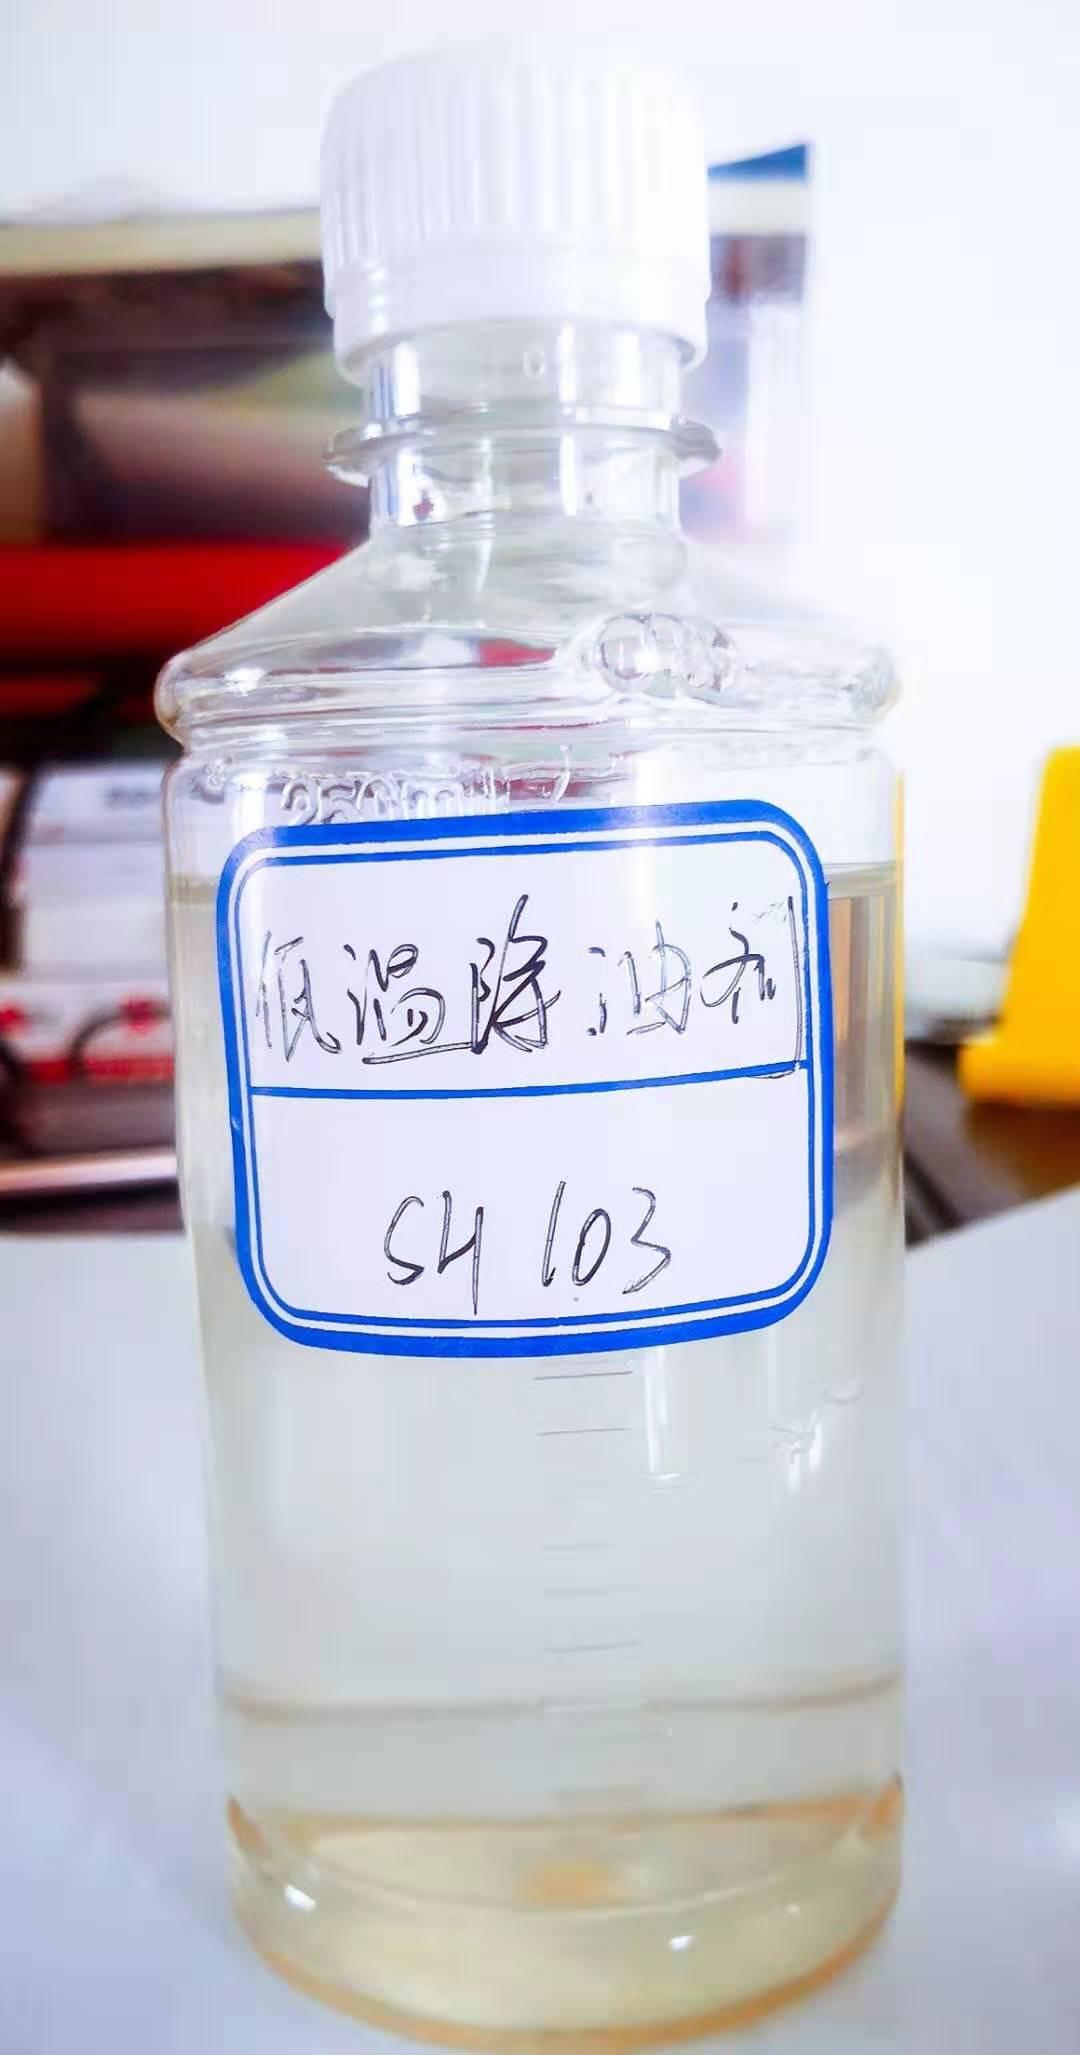 想买优异的低温除油清洗剂,就来长沙百顺-厂家直销常温除油剂可生物降解无污染